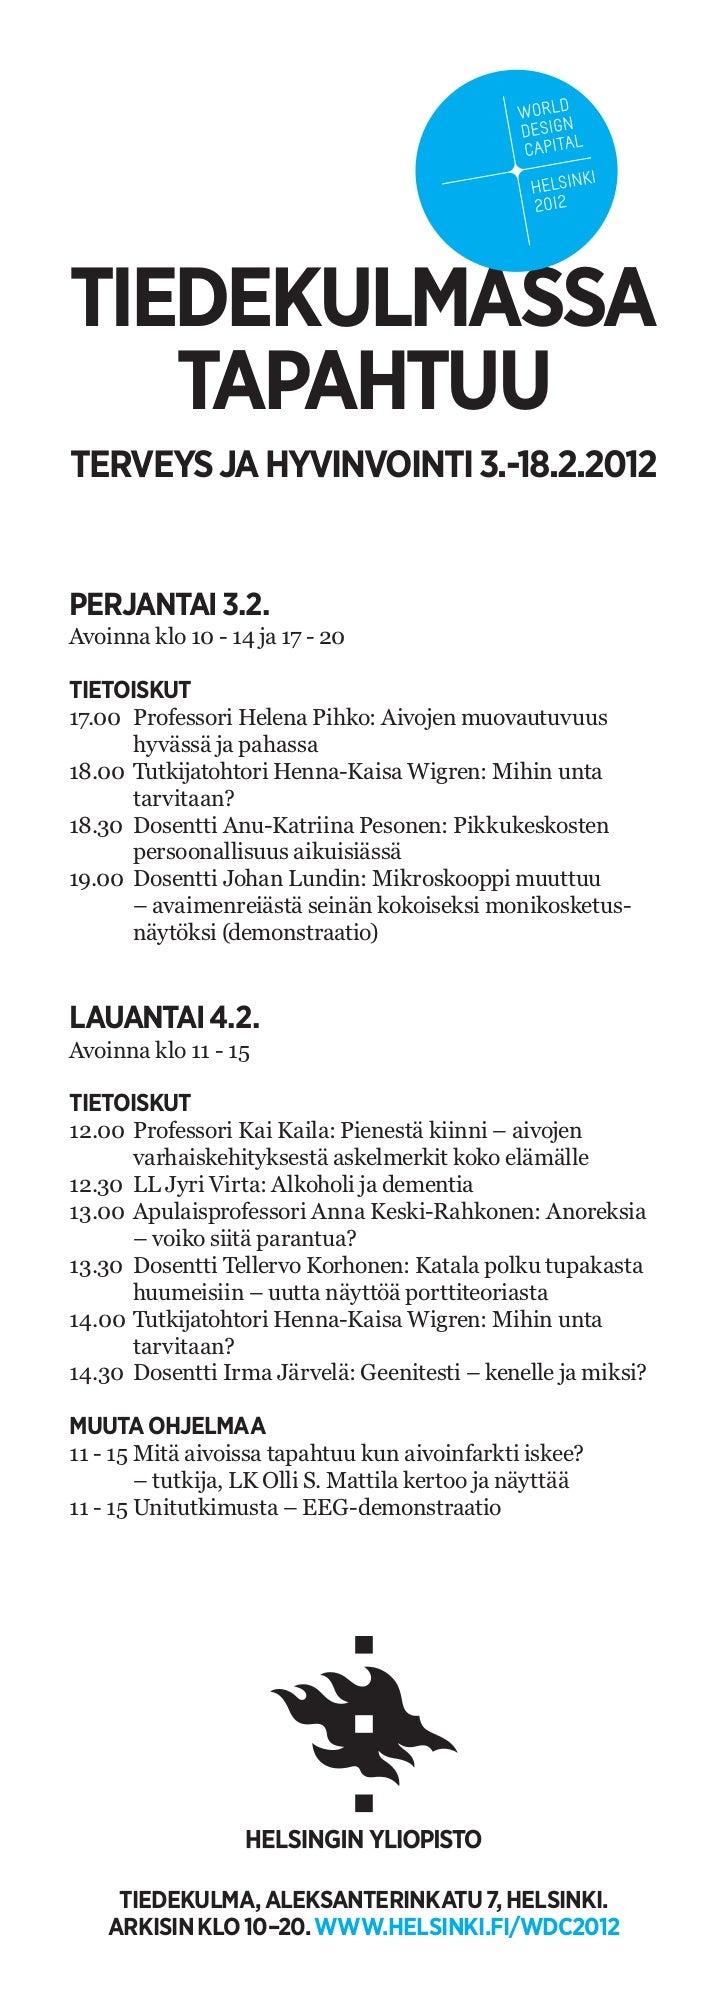 Terveys ja hyvinvointi - Ohjelma | Helsingin yliopisto